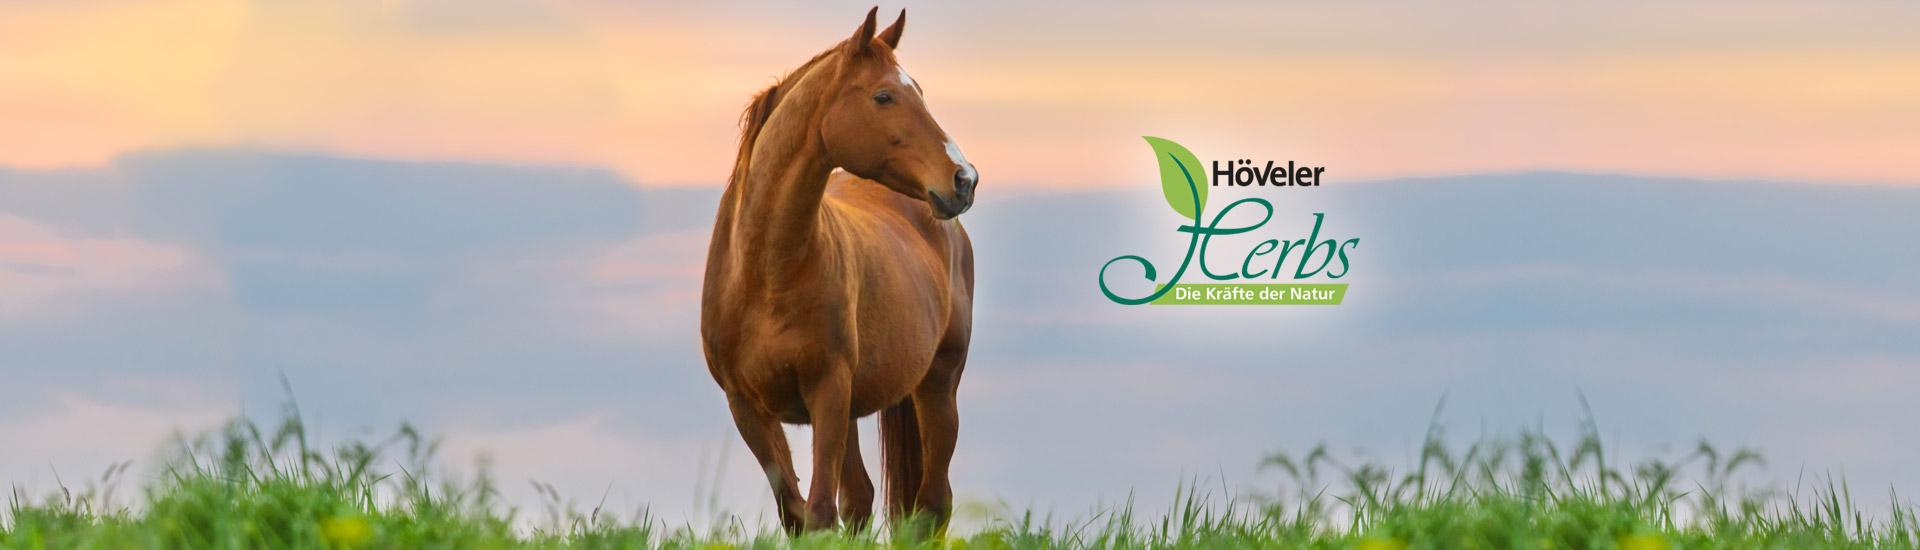 hoeveler-herbs